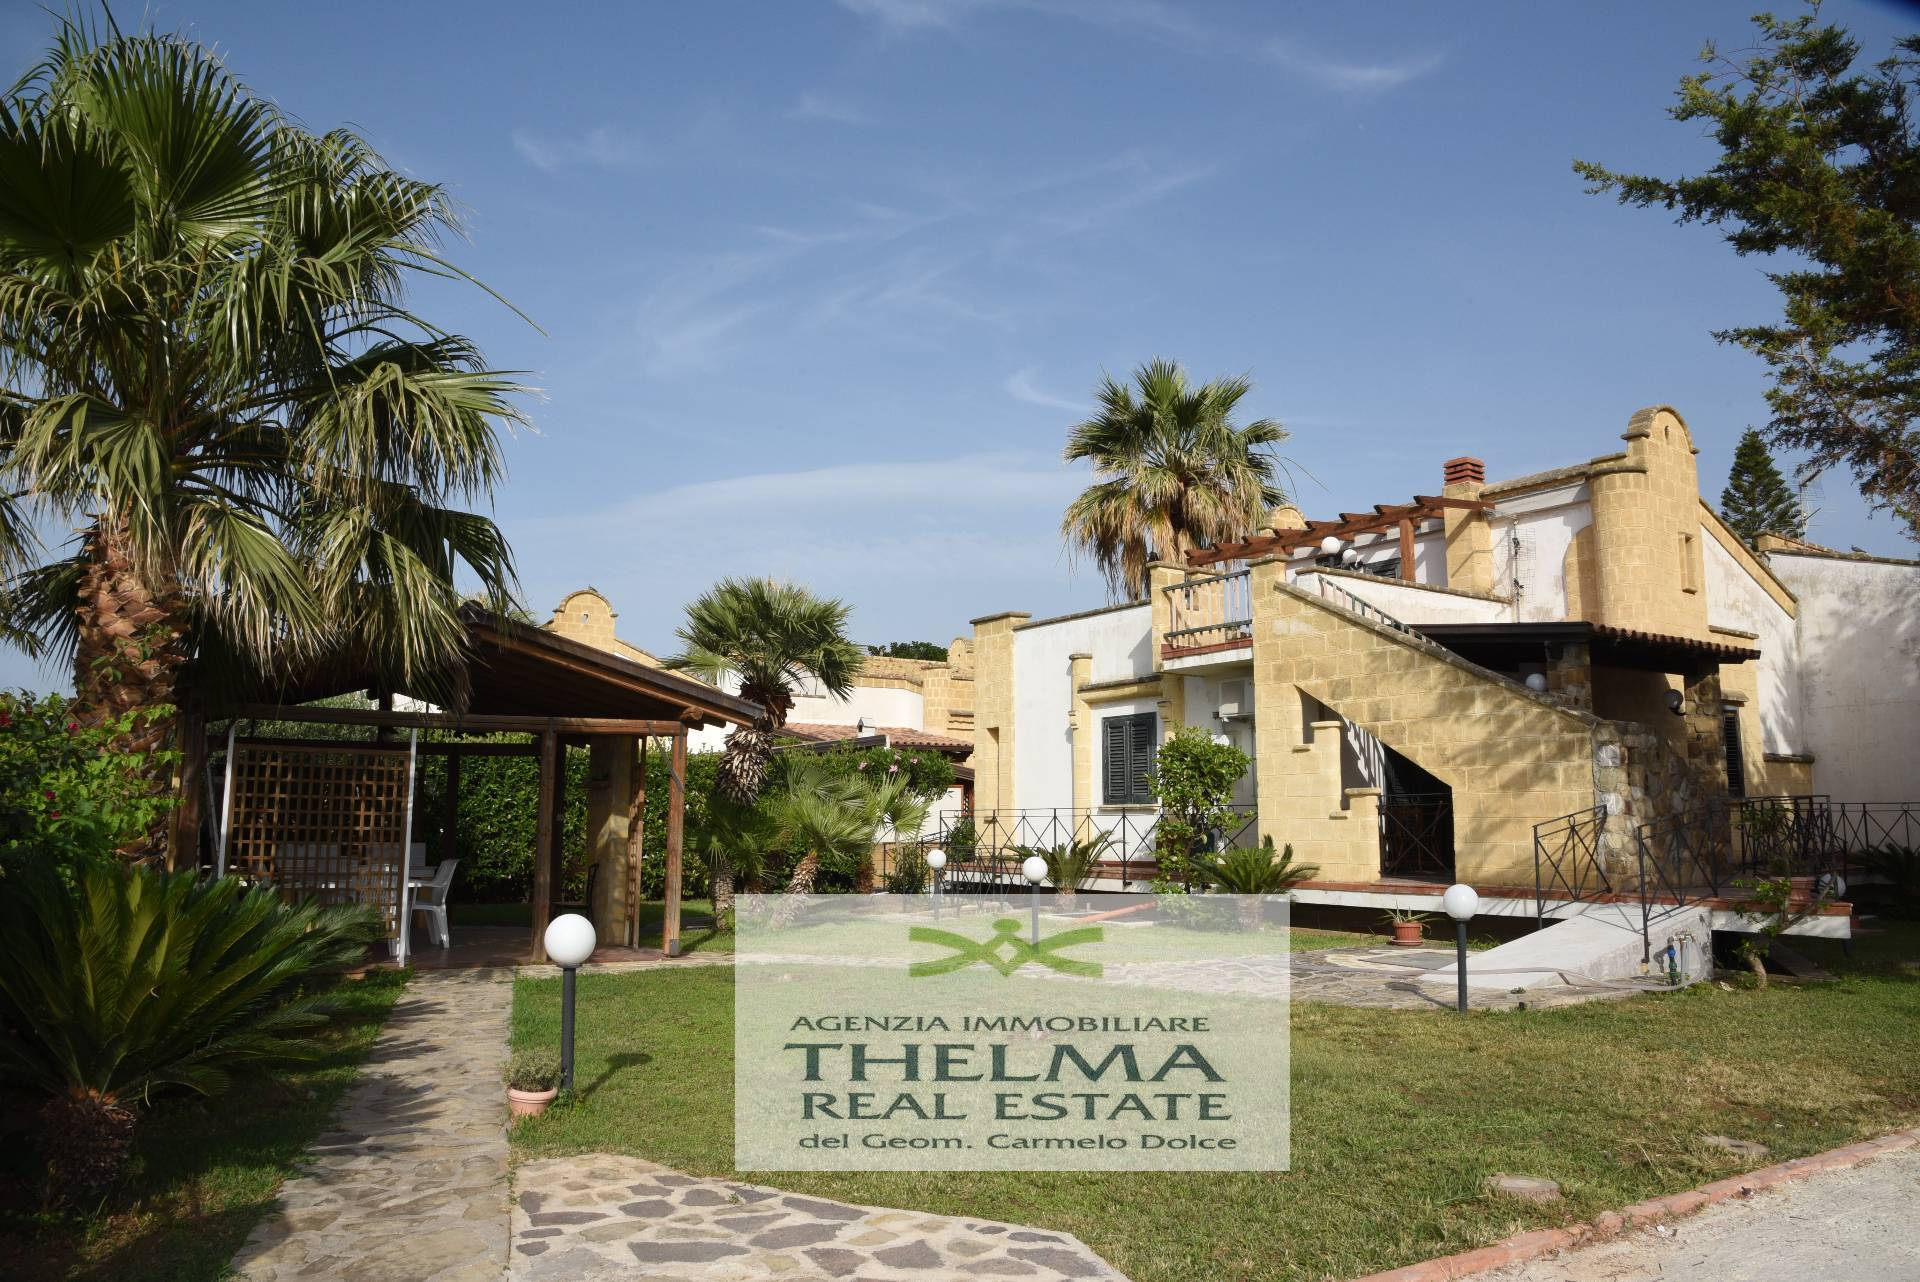 Villa in affitto a Campofelice di Roccella, 6 locali, Trattative riservate   CambioCasa.it